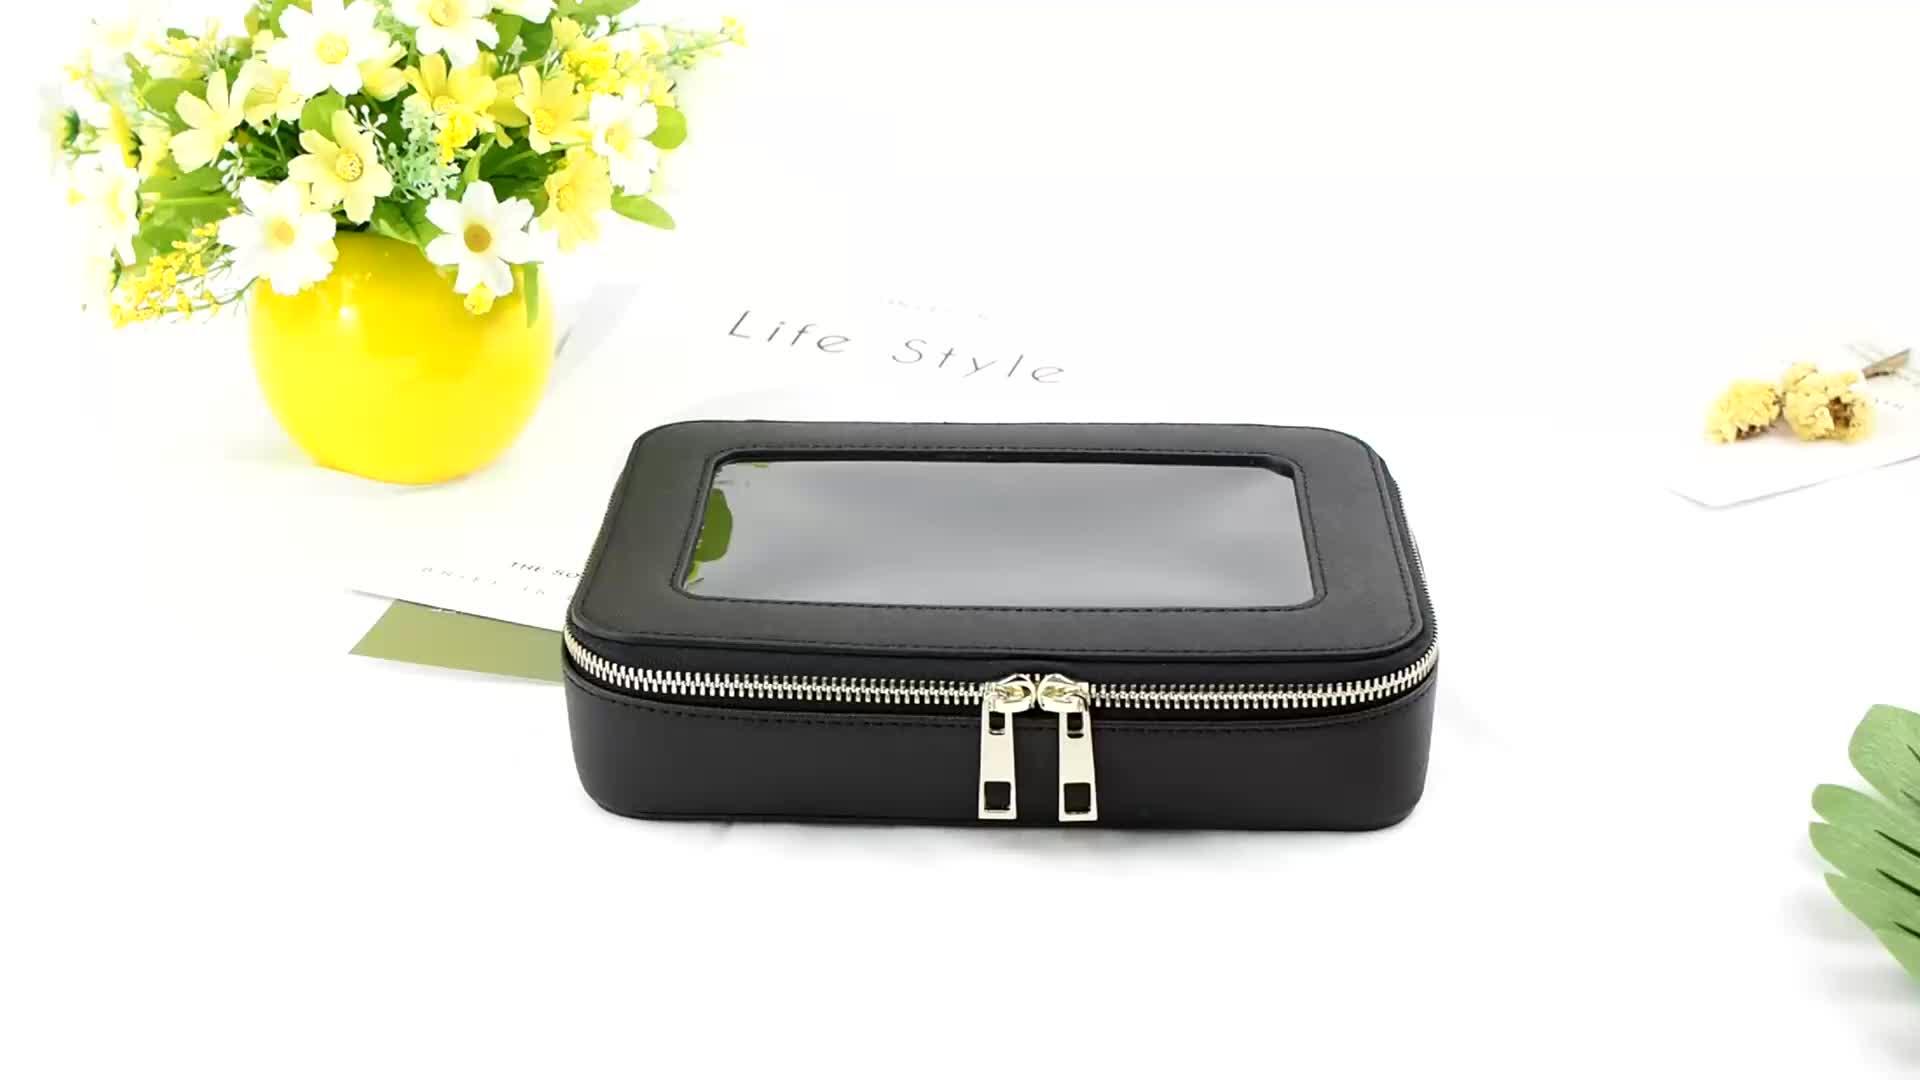 Lüks Kişiselleştirilmiş Şeffaf PVC Deri kozmetik çantası çantası çantası seyahat makyaj çantası